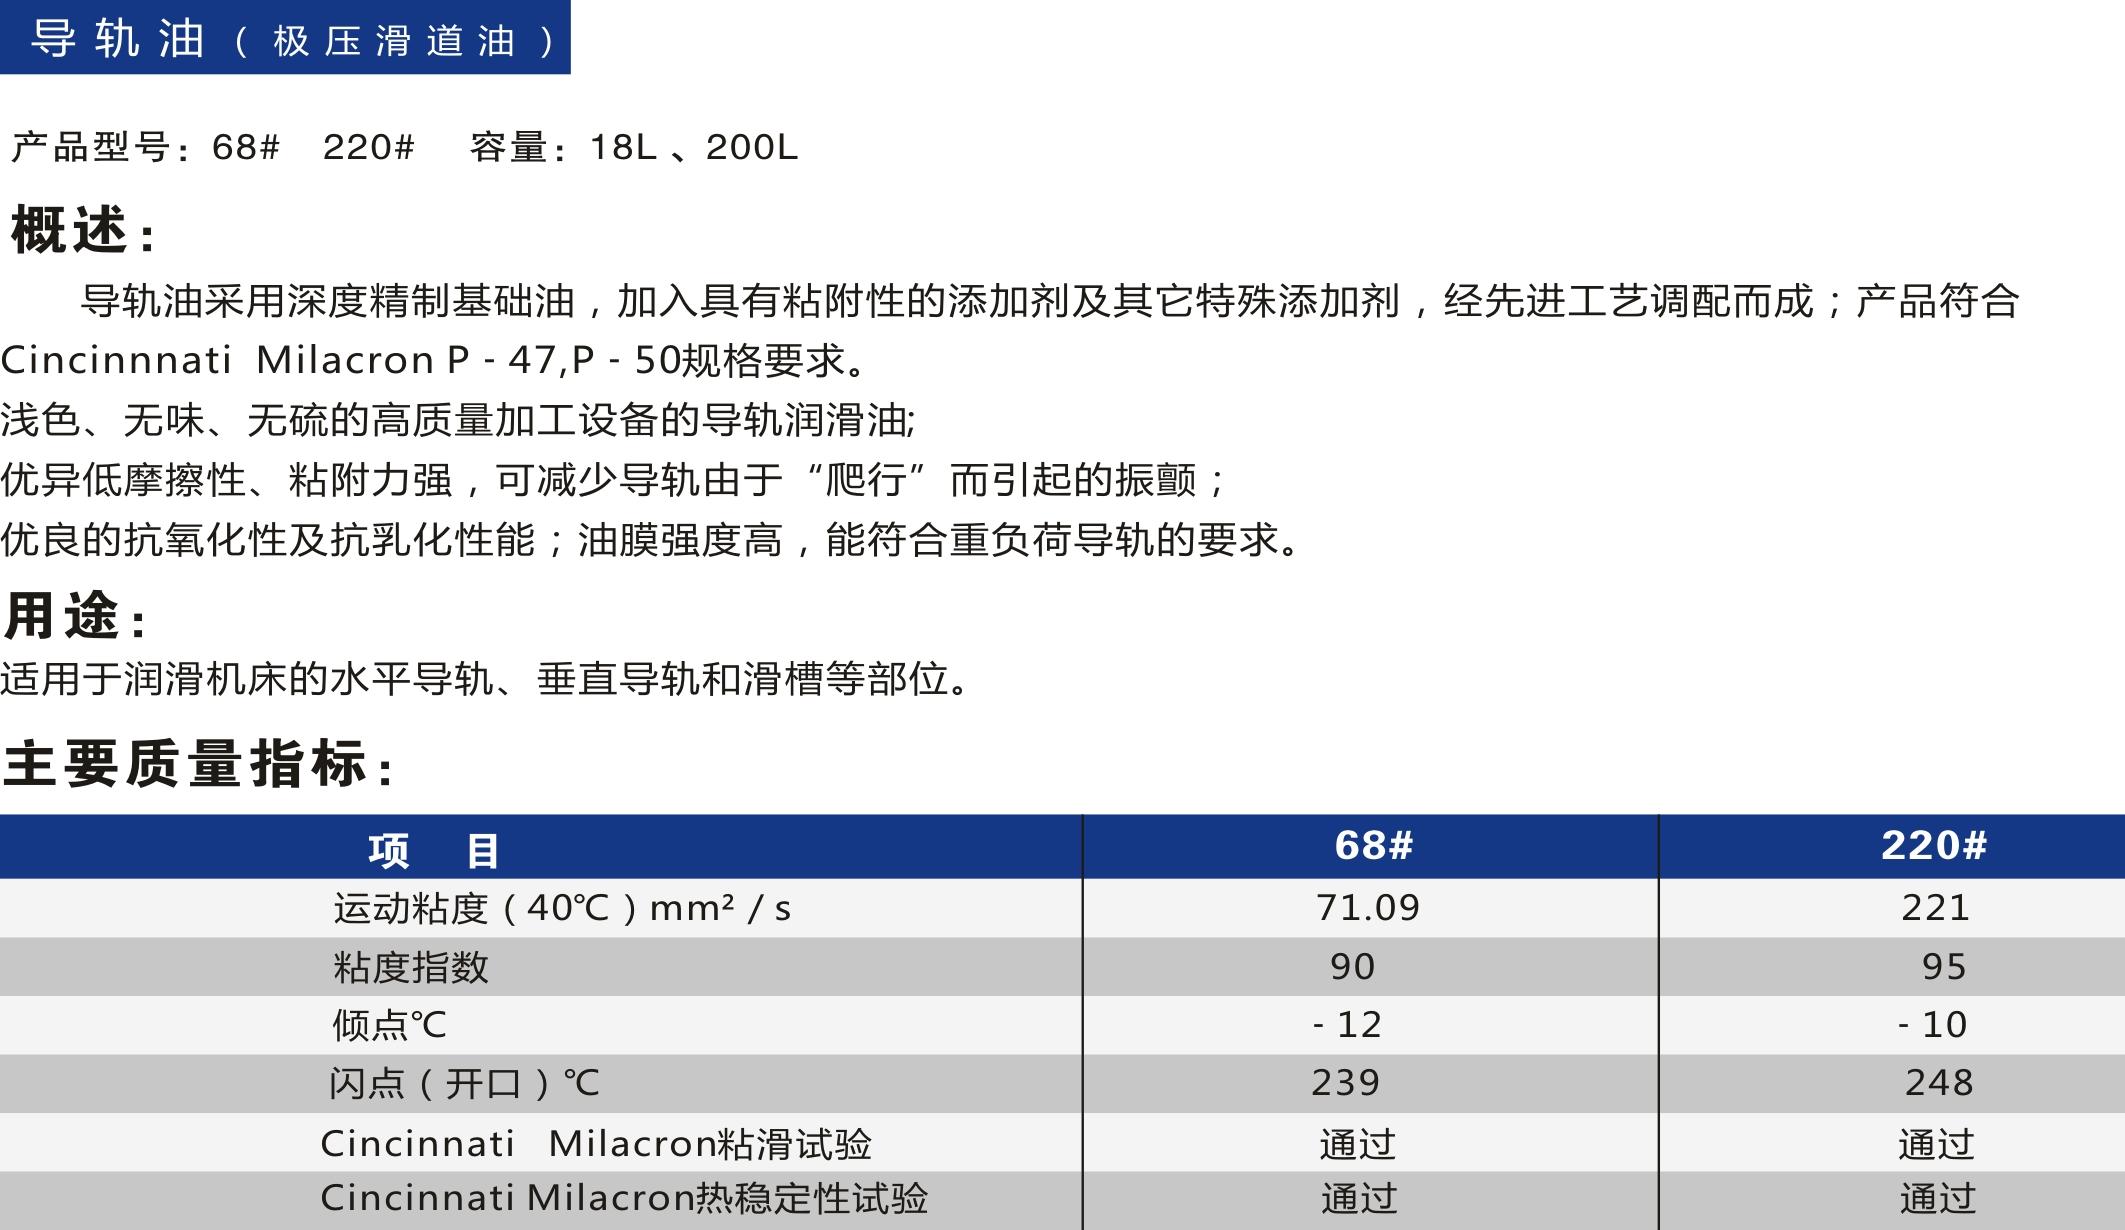 导轨油 -万亿娱乐官网欢迎您_万亿娱乐注册送38元_万亿国际平台手机版